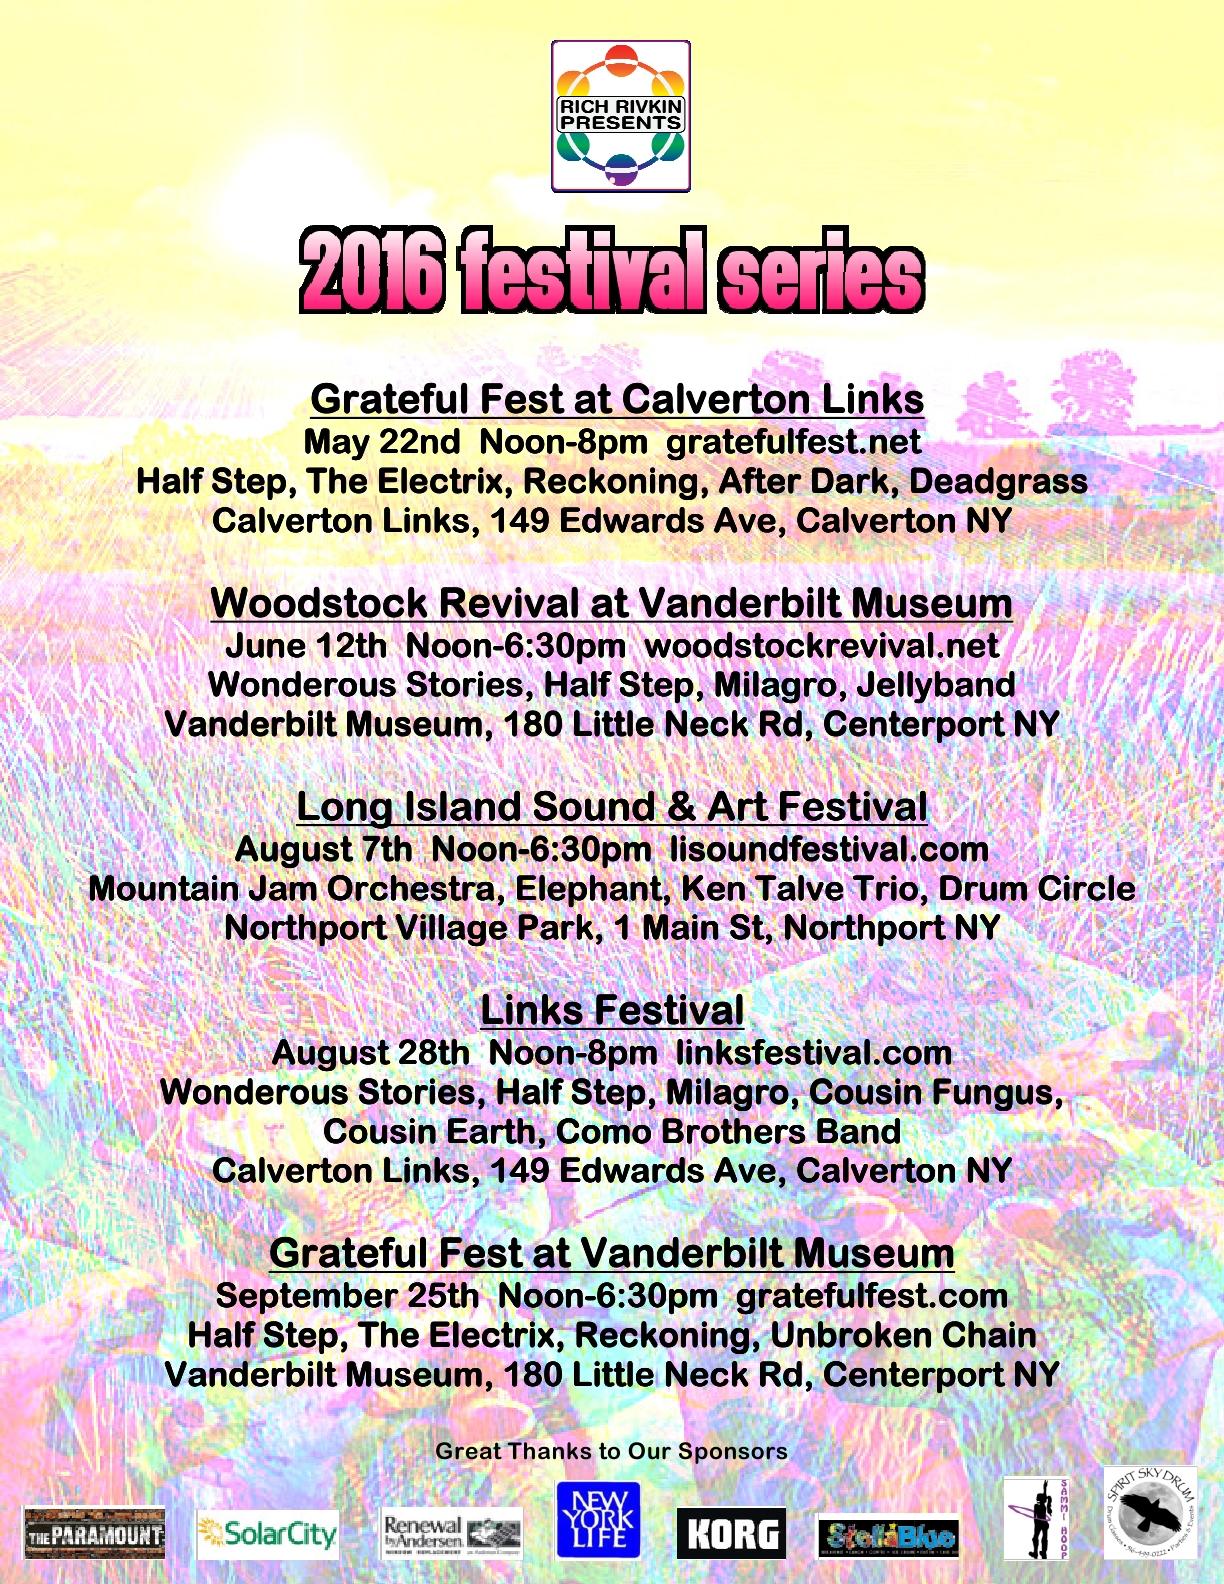 2016 Festival w 8 sponsors